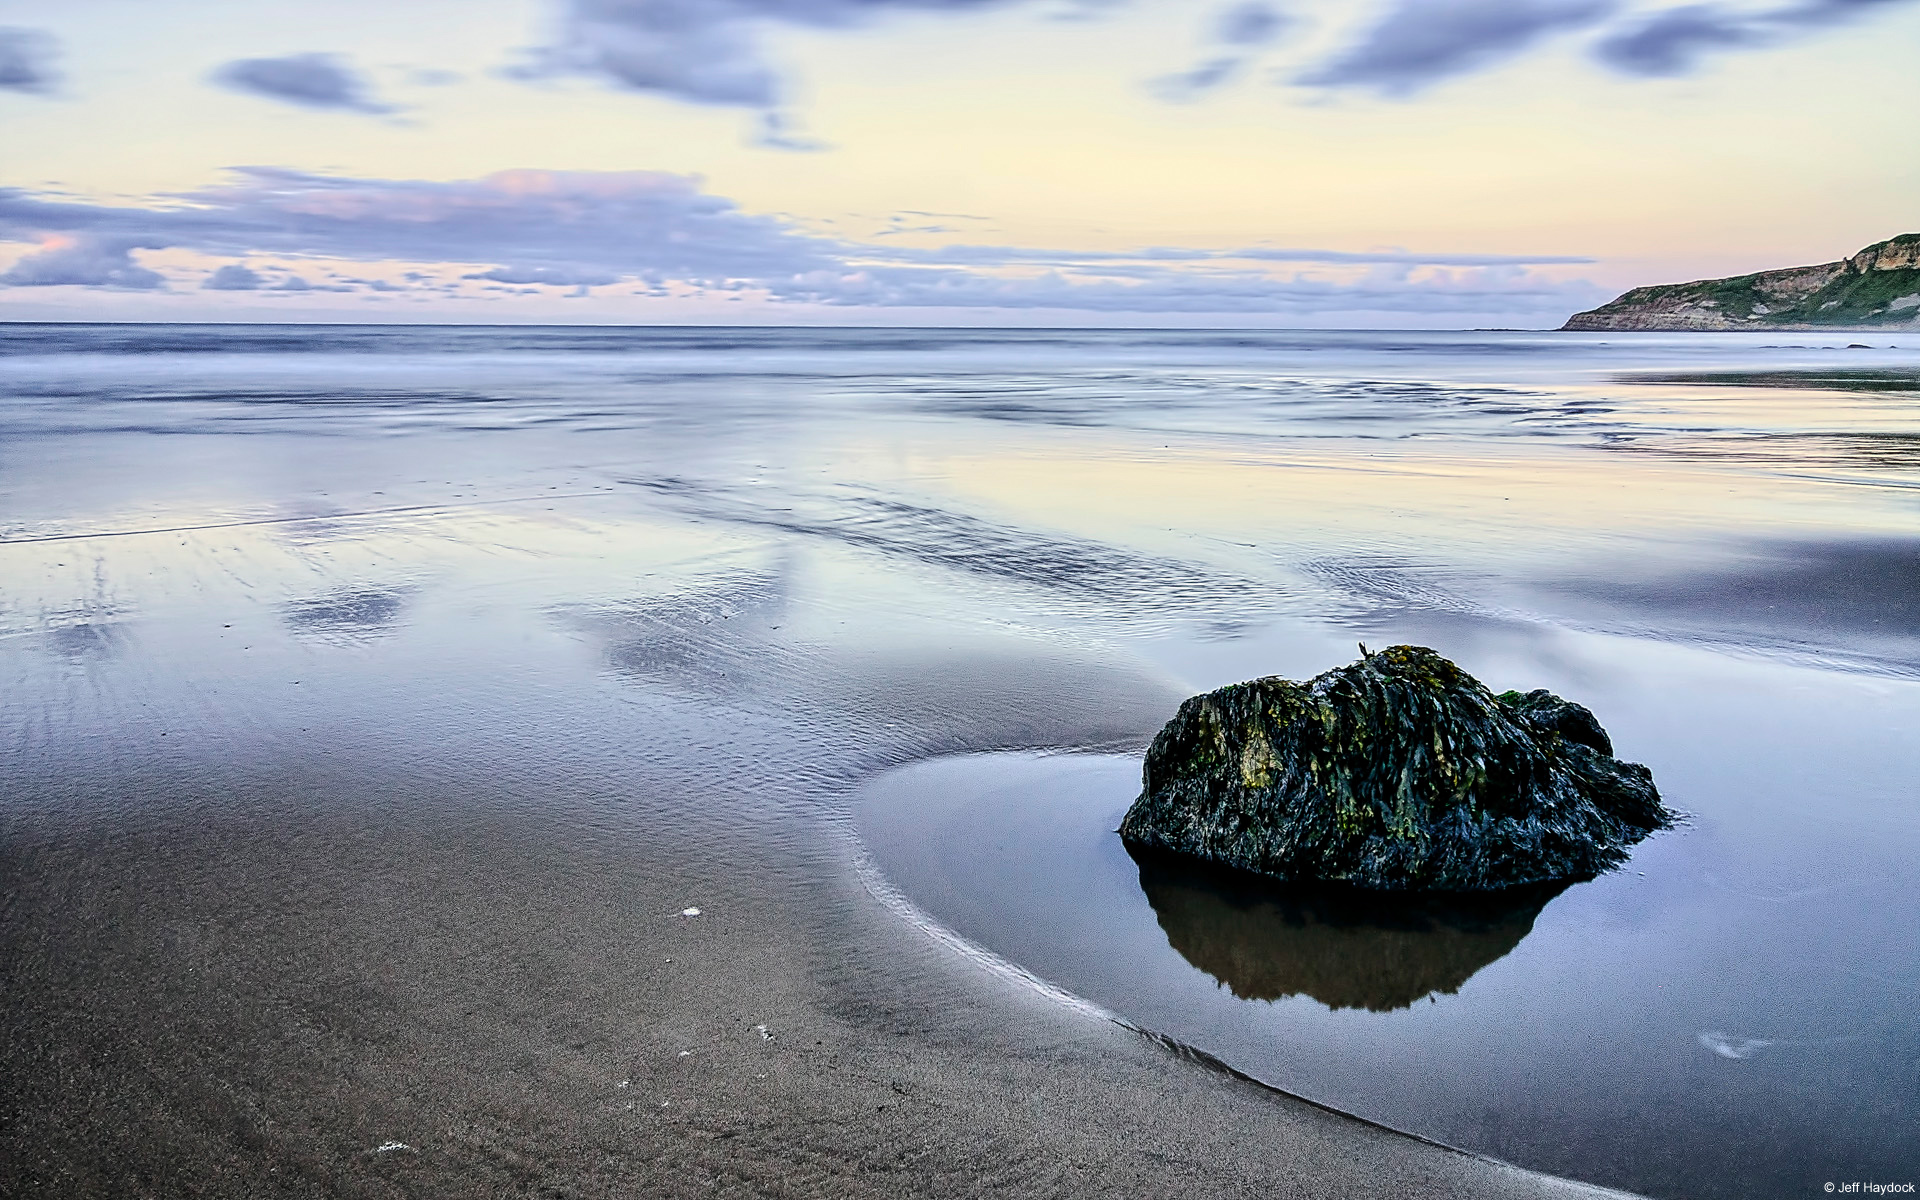 Một góc bãi biển tại vịnh Cayton, Yorkshire, Anh